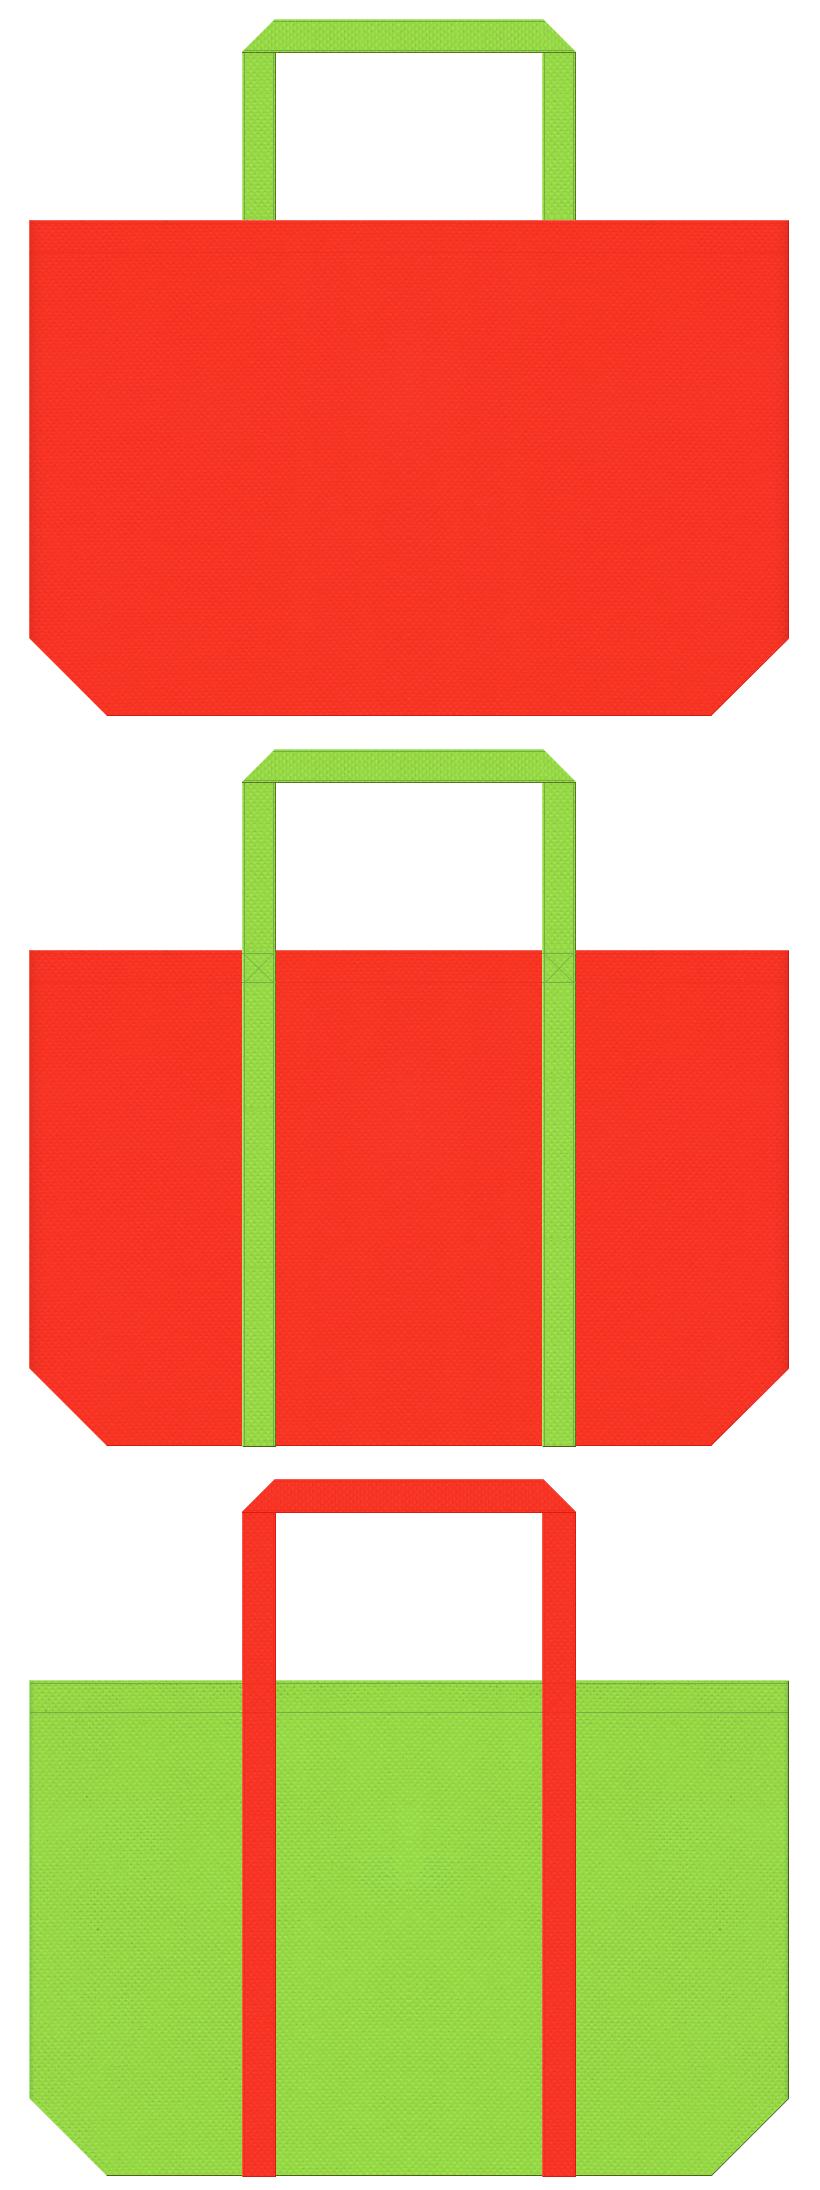 オレンジ色と黄緑色の不織布バッグデザイン。キャロットのイメージで、お買い物用エコバッグのノベルティにお奨めです。